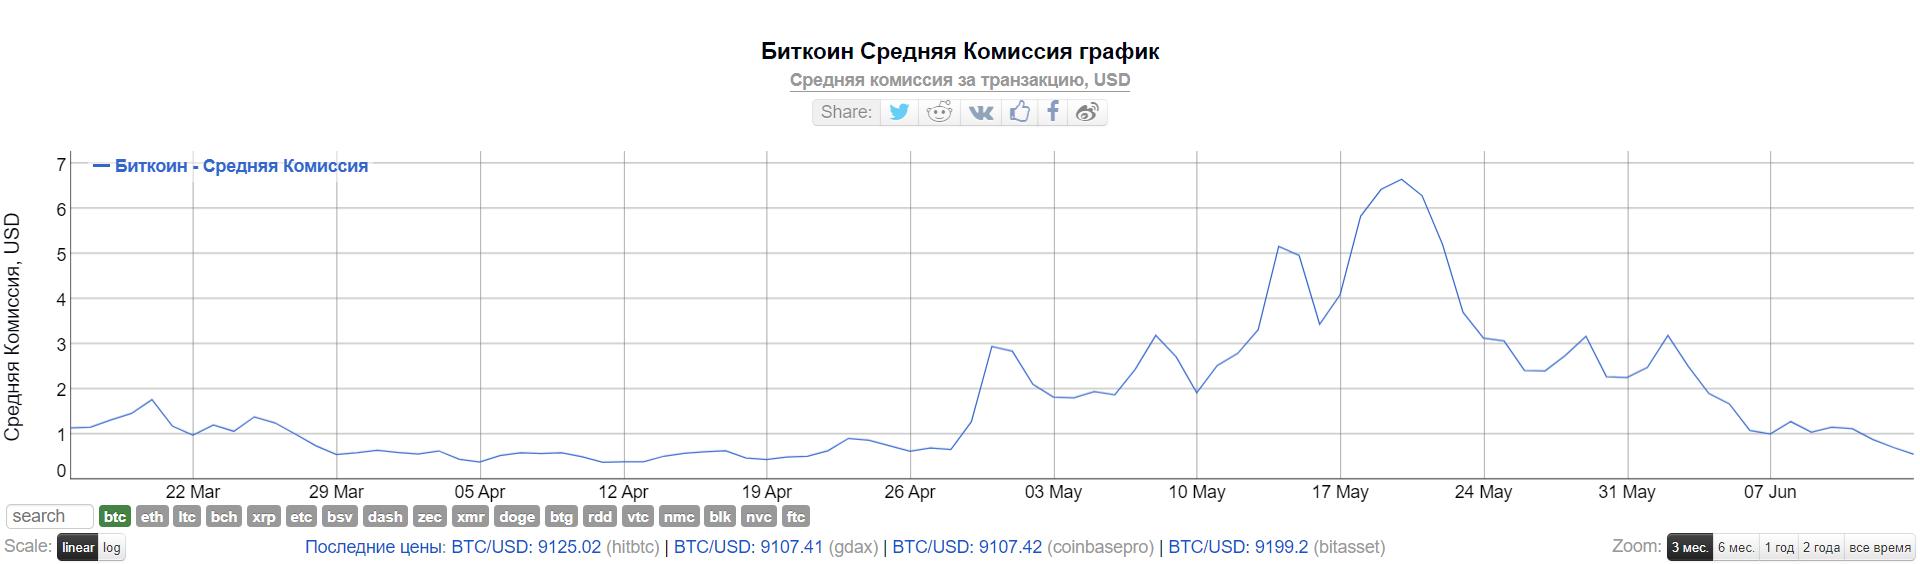 Время подтверждения транзакций биткоина снизилось на 97% за месяц